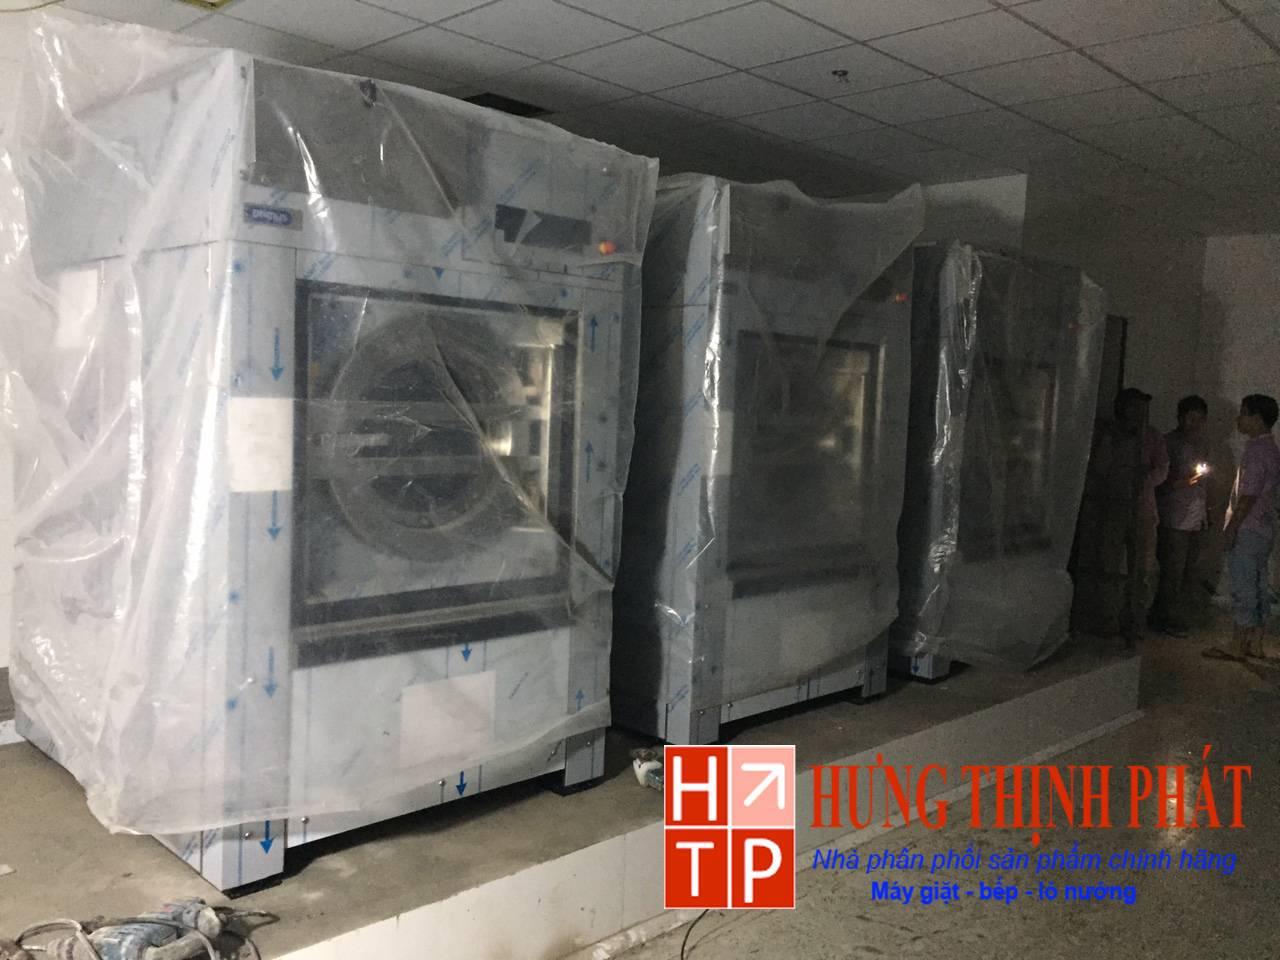 95a9827a2cb1c2ef9ba0 - Dự án lắp đặt hệ thống giặt là tại sân bay Nội Bài - Hà Nội